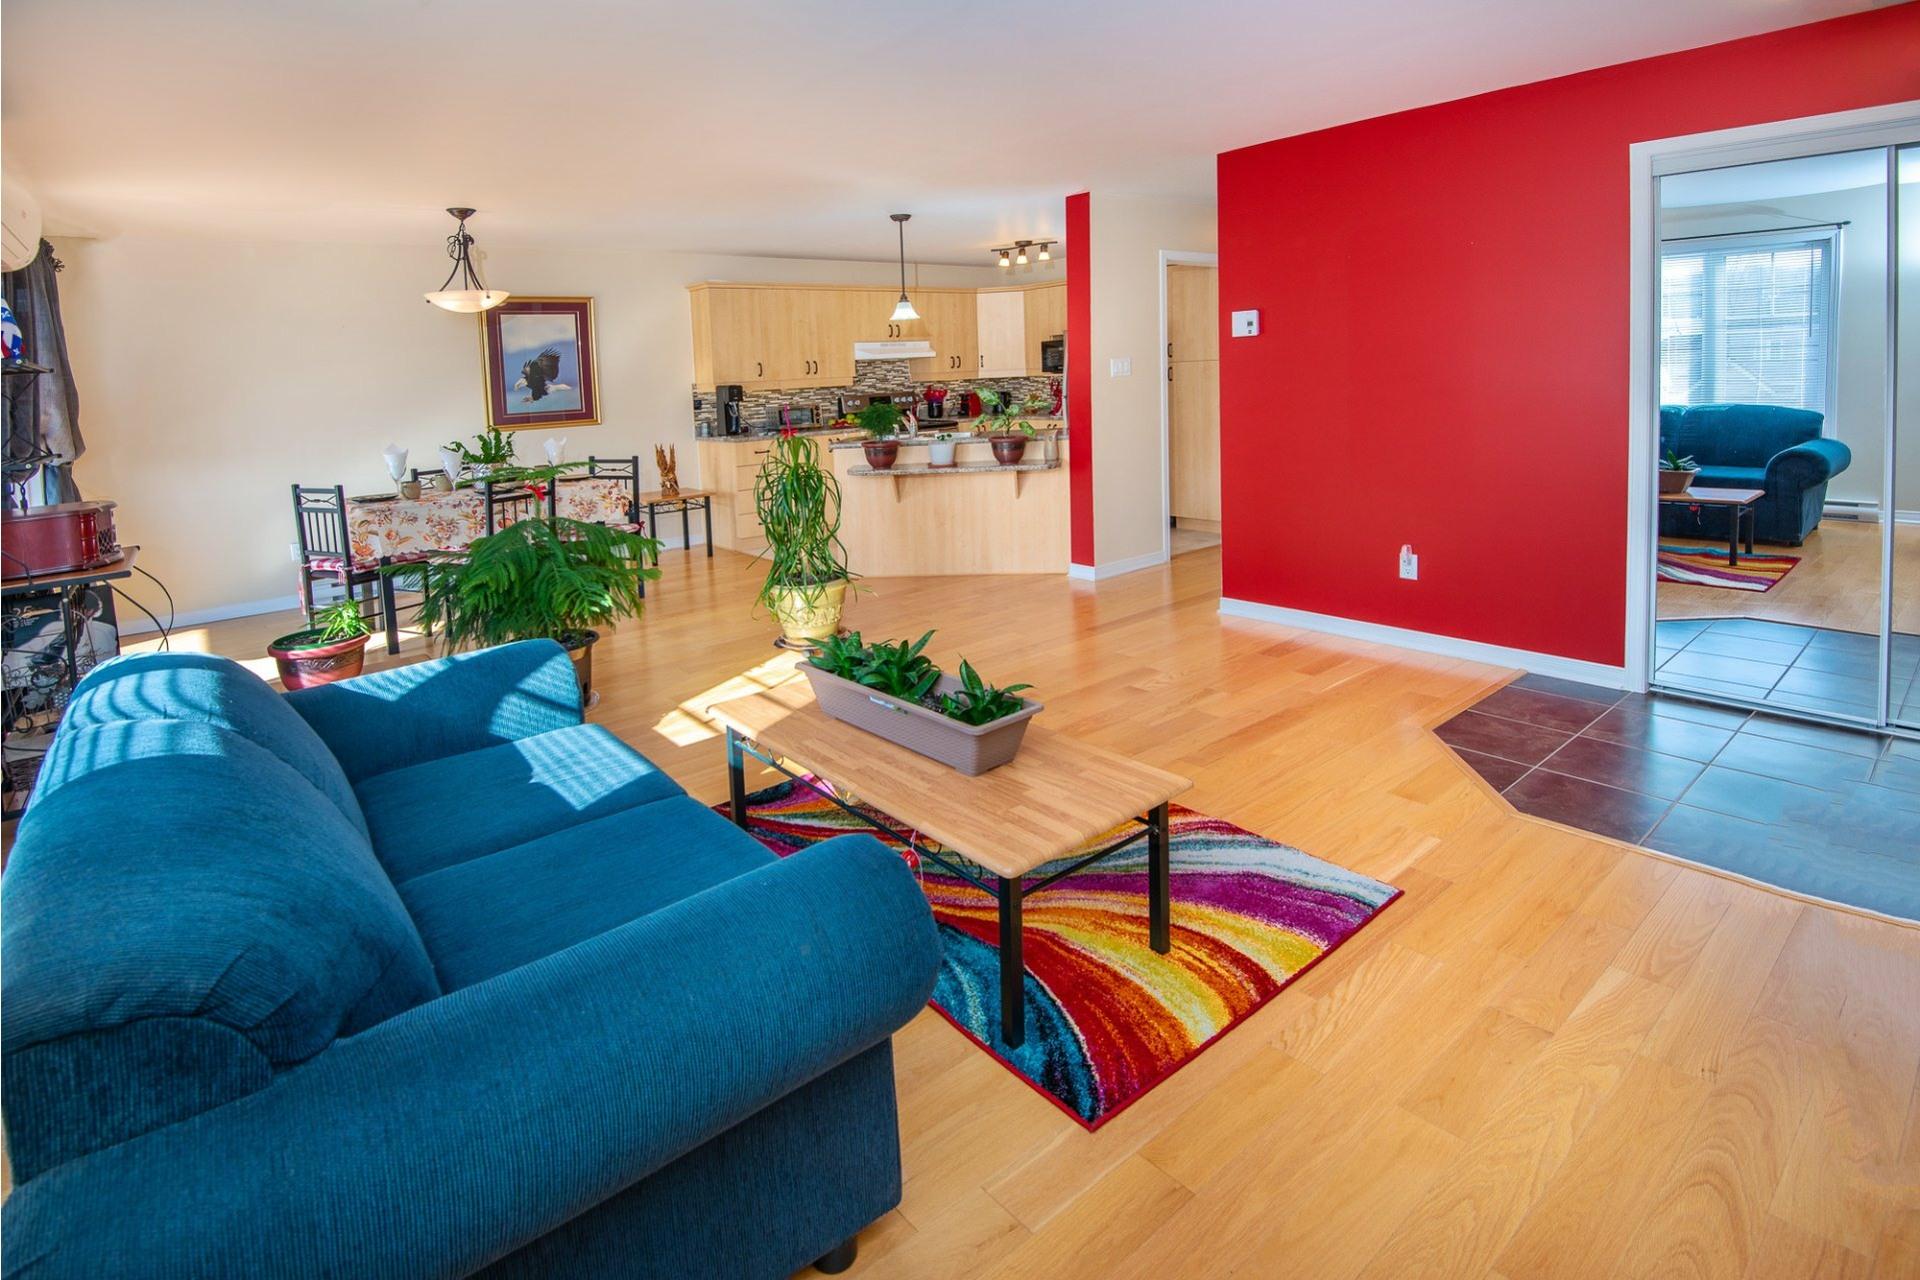 image 4 - Appartement À vendre Pincourt - 5 pièces